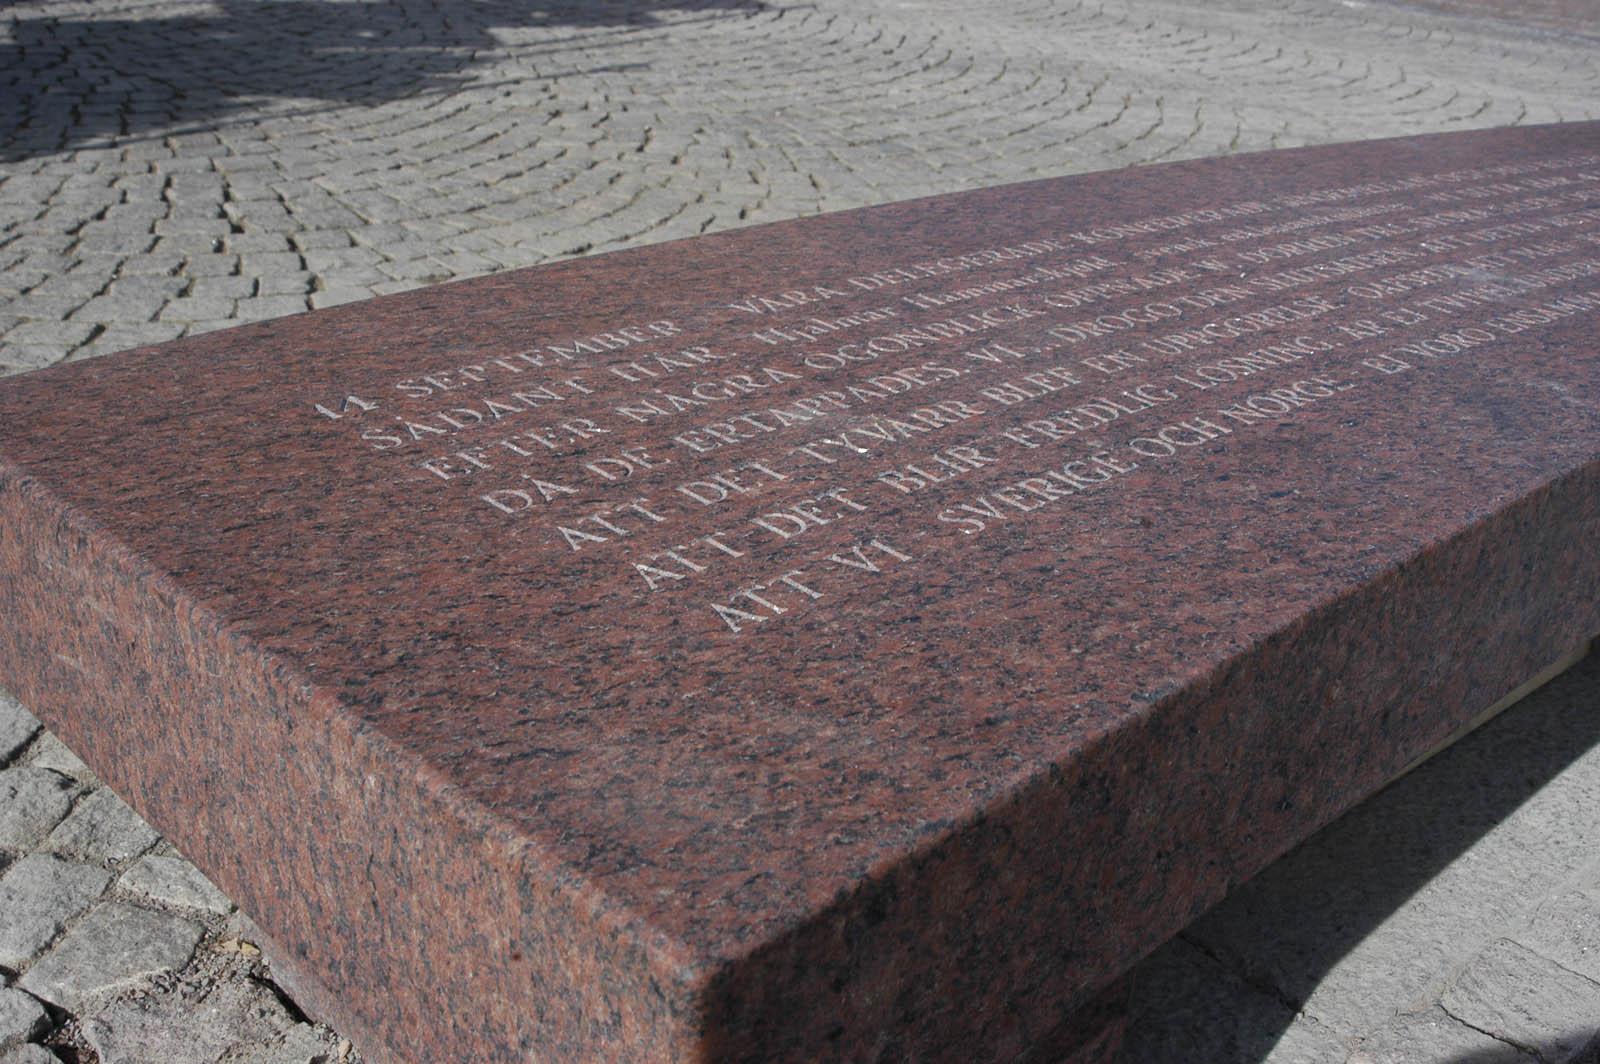 """Del av graverad text på granitbänk. Man ser bl.a. orden: """"Att det blir fredlig lösning."""" Och: """"Att vi, Sverige och Norge..."""" Jenny Holzer, For Karlstad."""